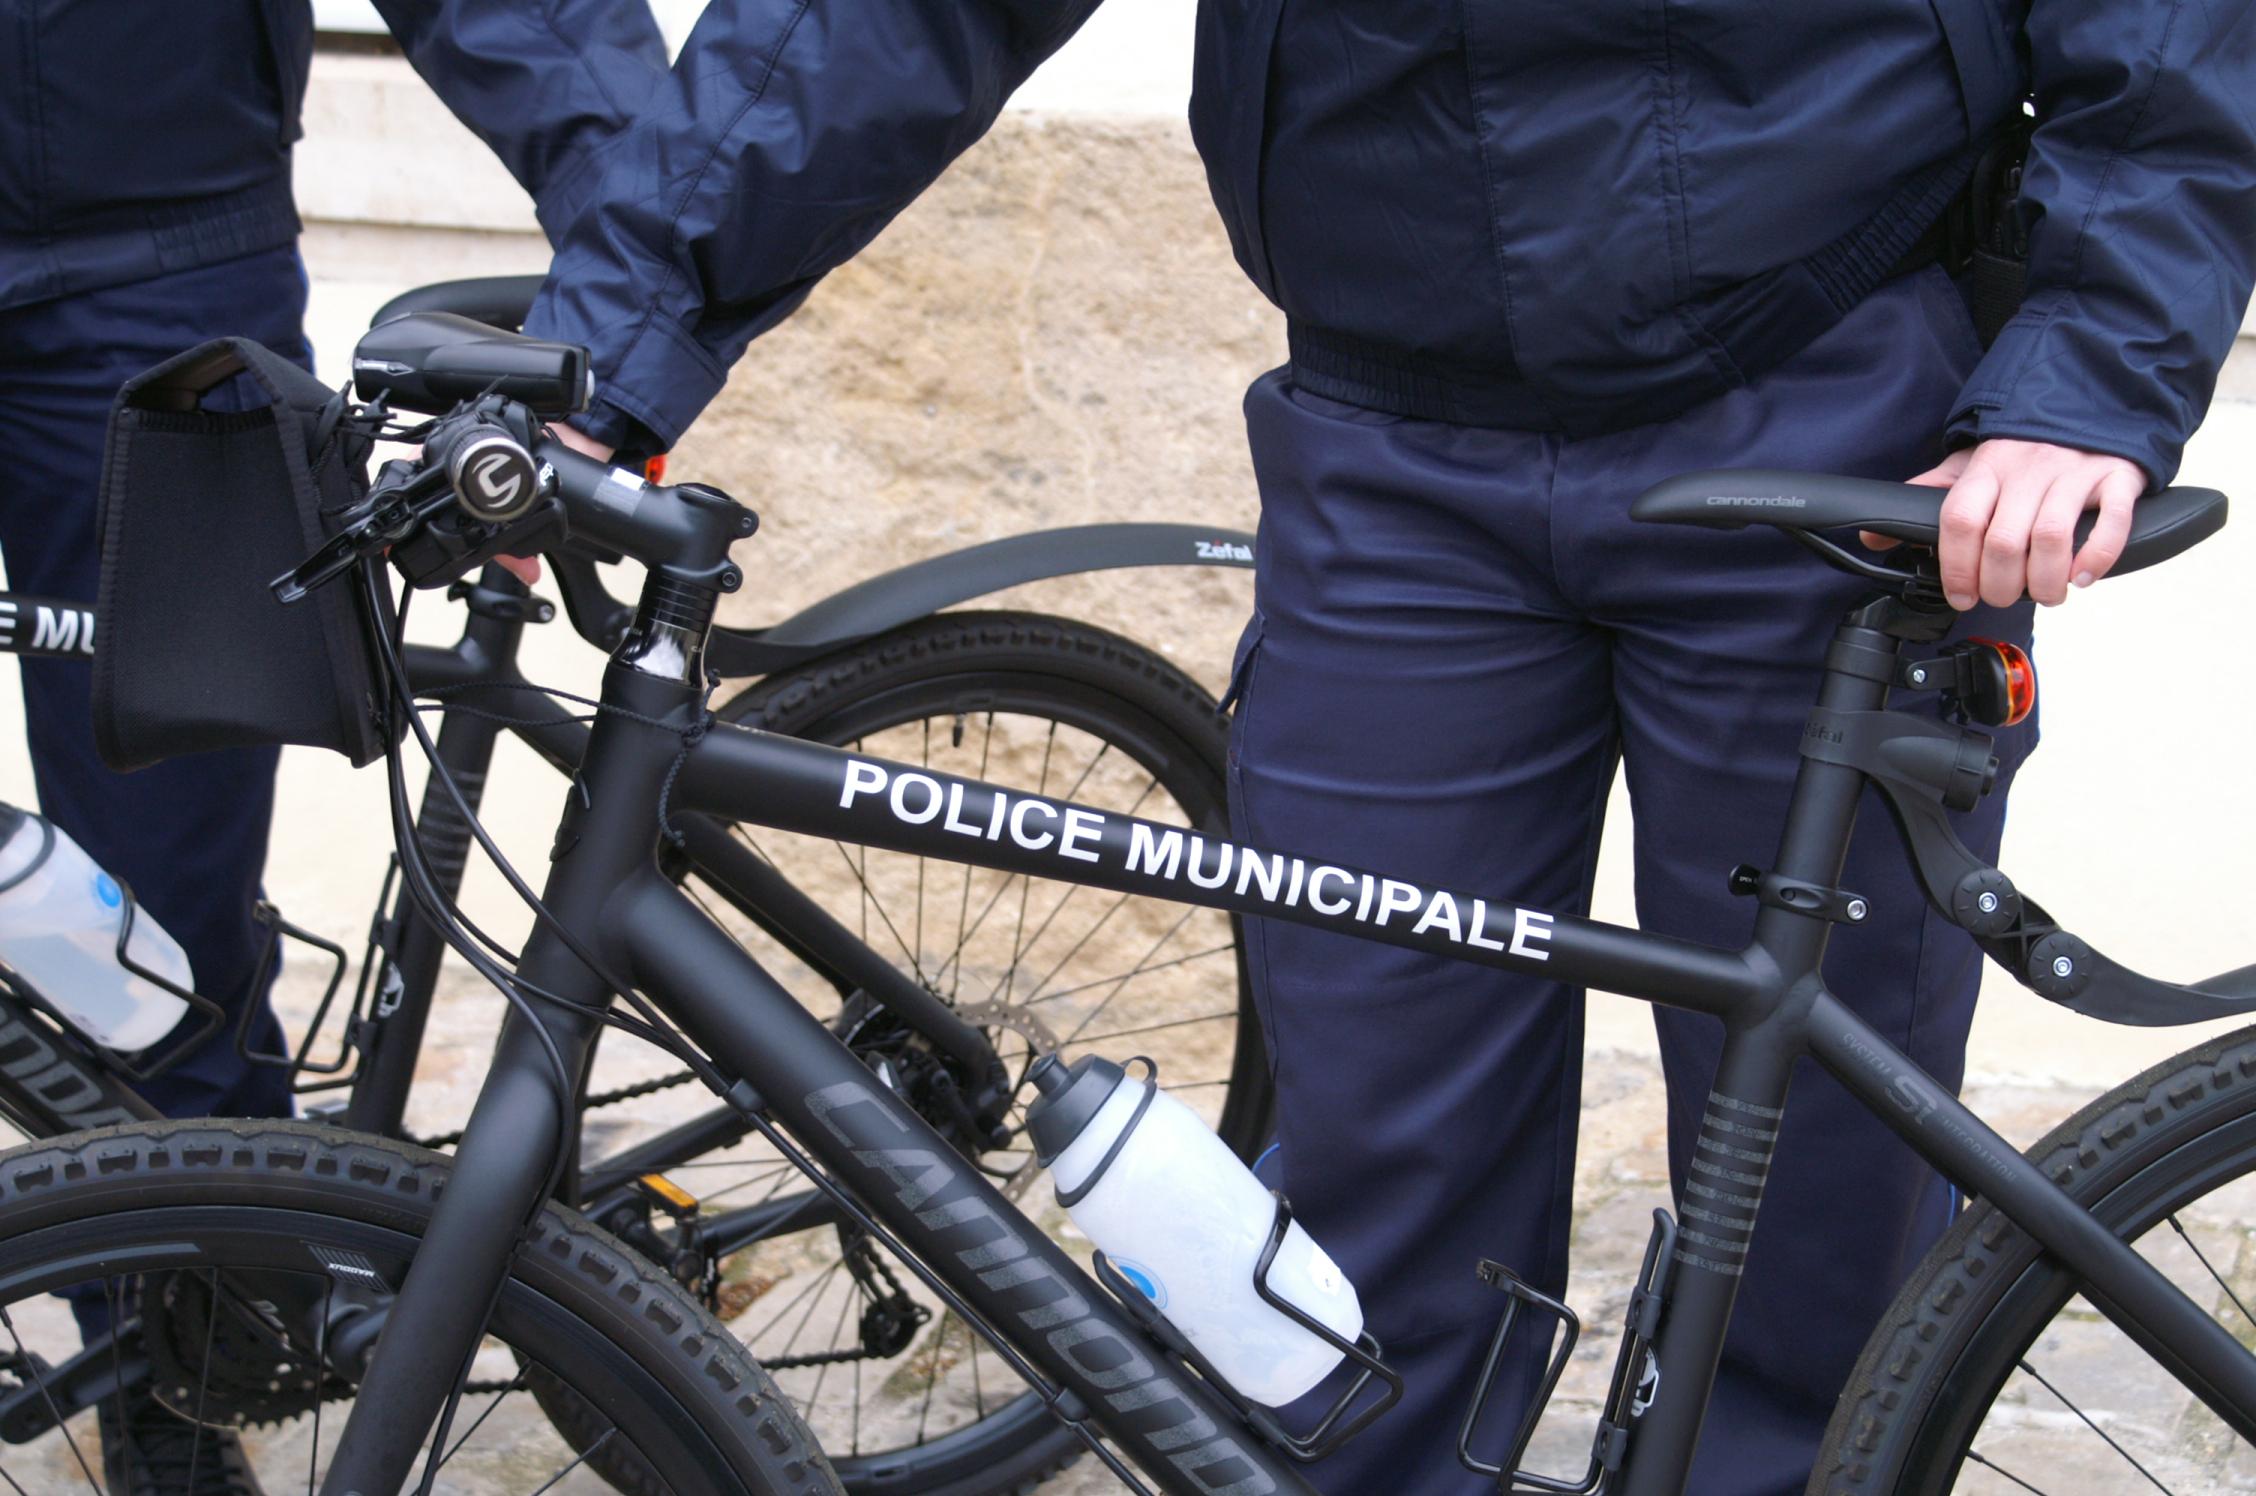 La 406 a foncé délibérément sur le policier municipal à VTT qui s'était mis en travers de la route pour l'intercepter (Photo d'illustration)